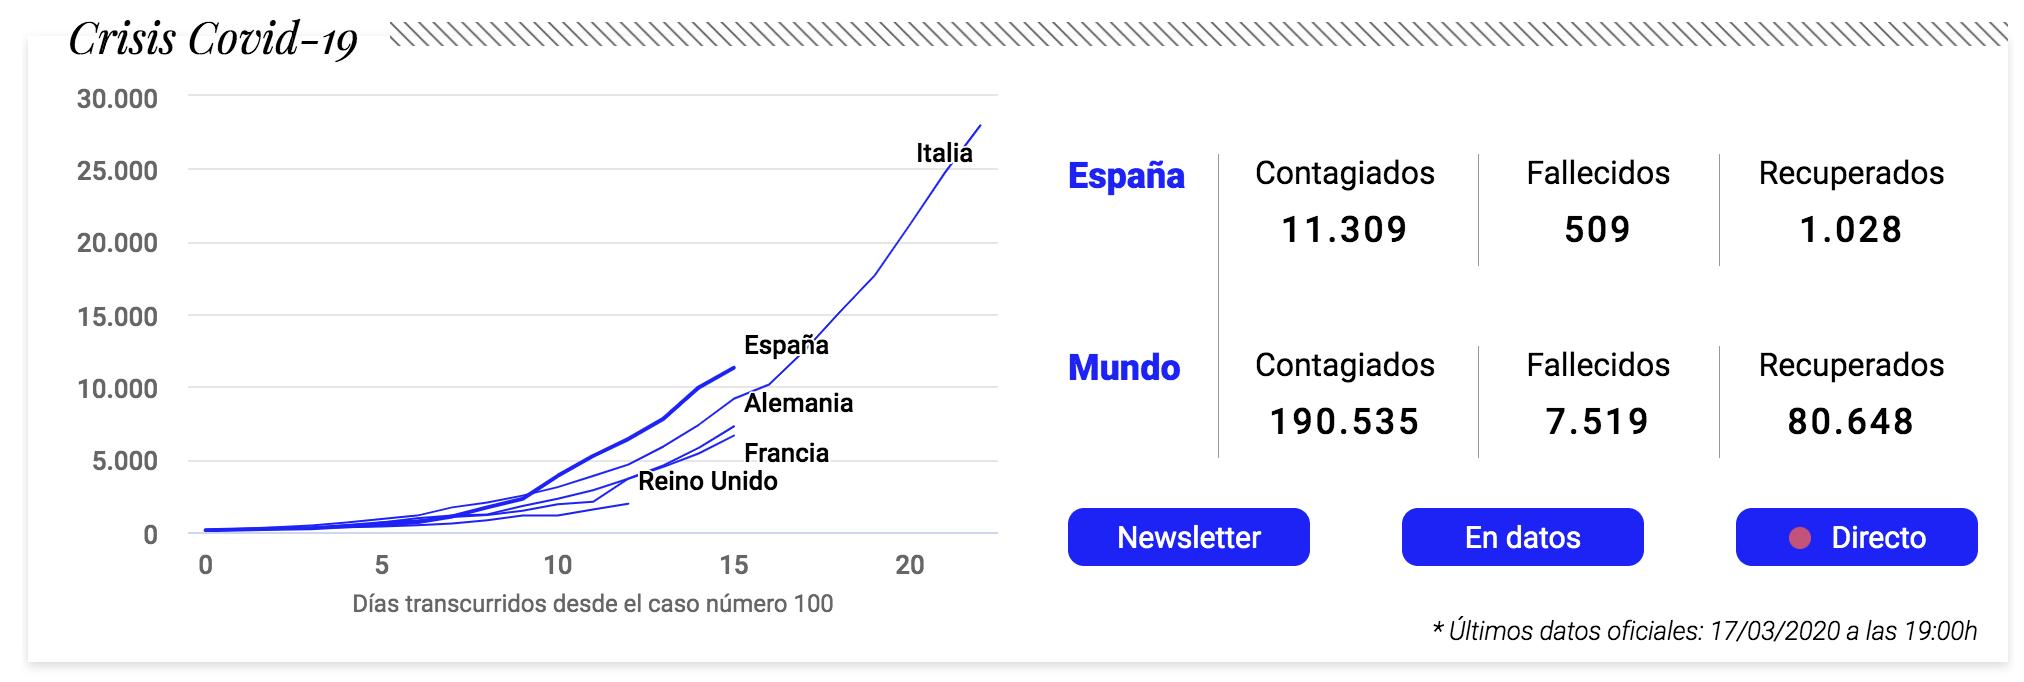 gráficos sobre el coronavirus de El Confidencial